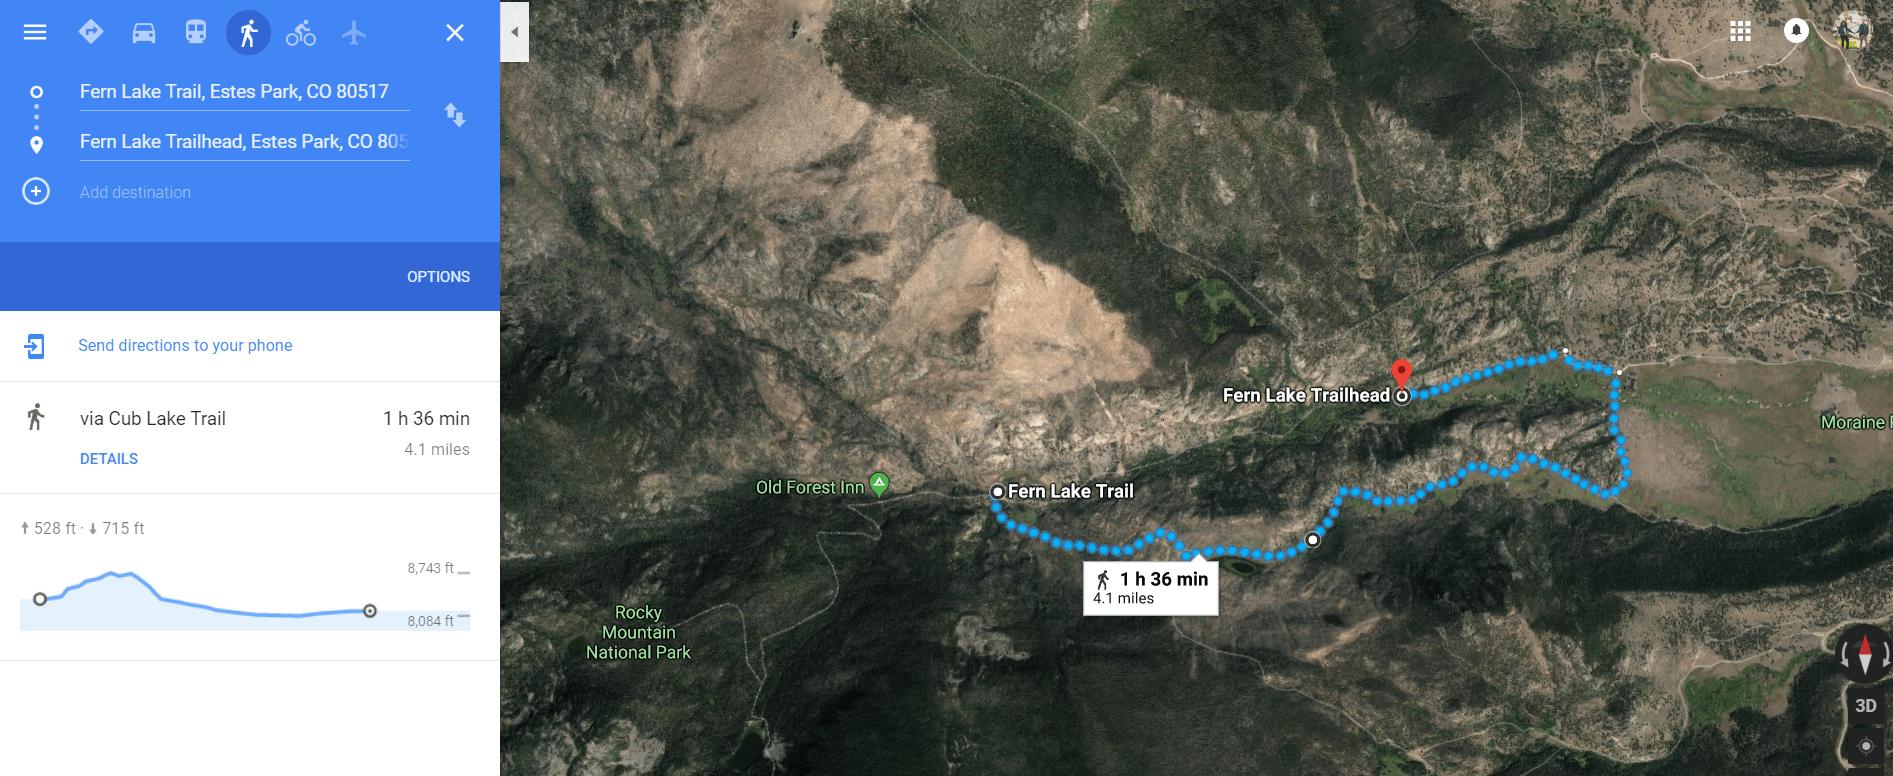 The Pool to Fern Lake Trailhead - via Cub Lake